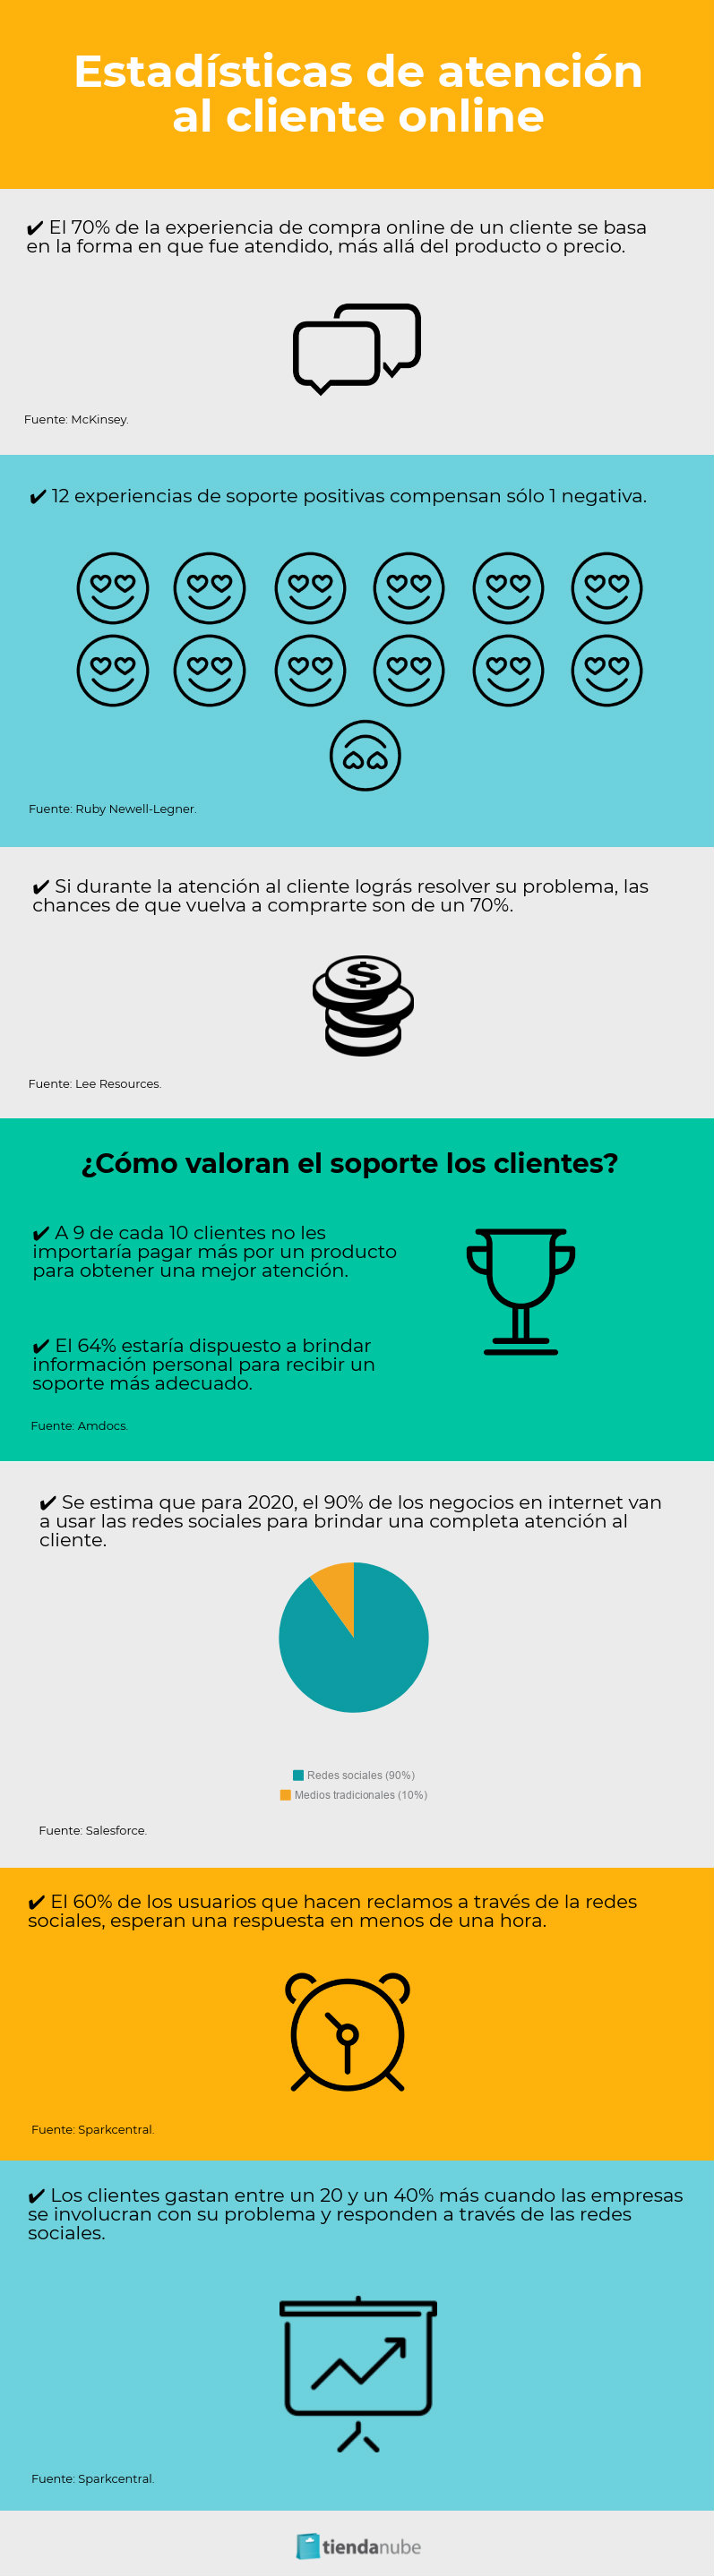 Estadísticas de atención al cliente online